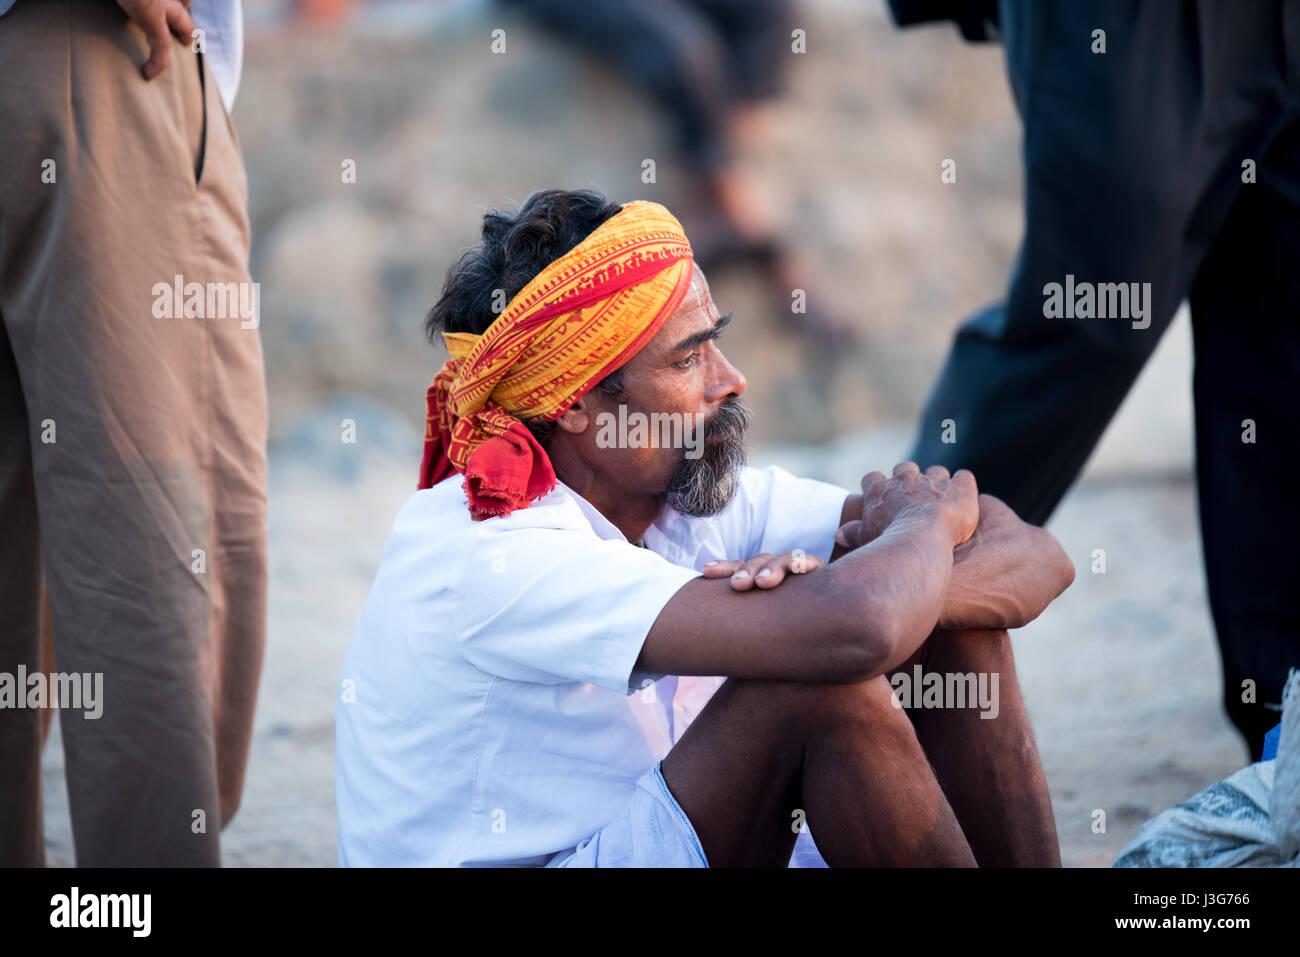 Regarder les hommes assis sur le terrain inmidst, une foule de personnes dans Kanyakumari, India Photo Stock